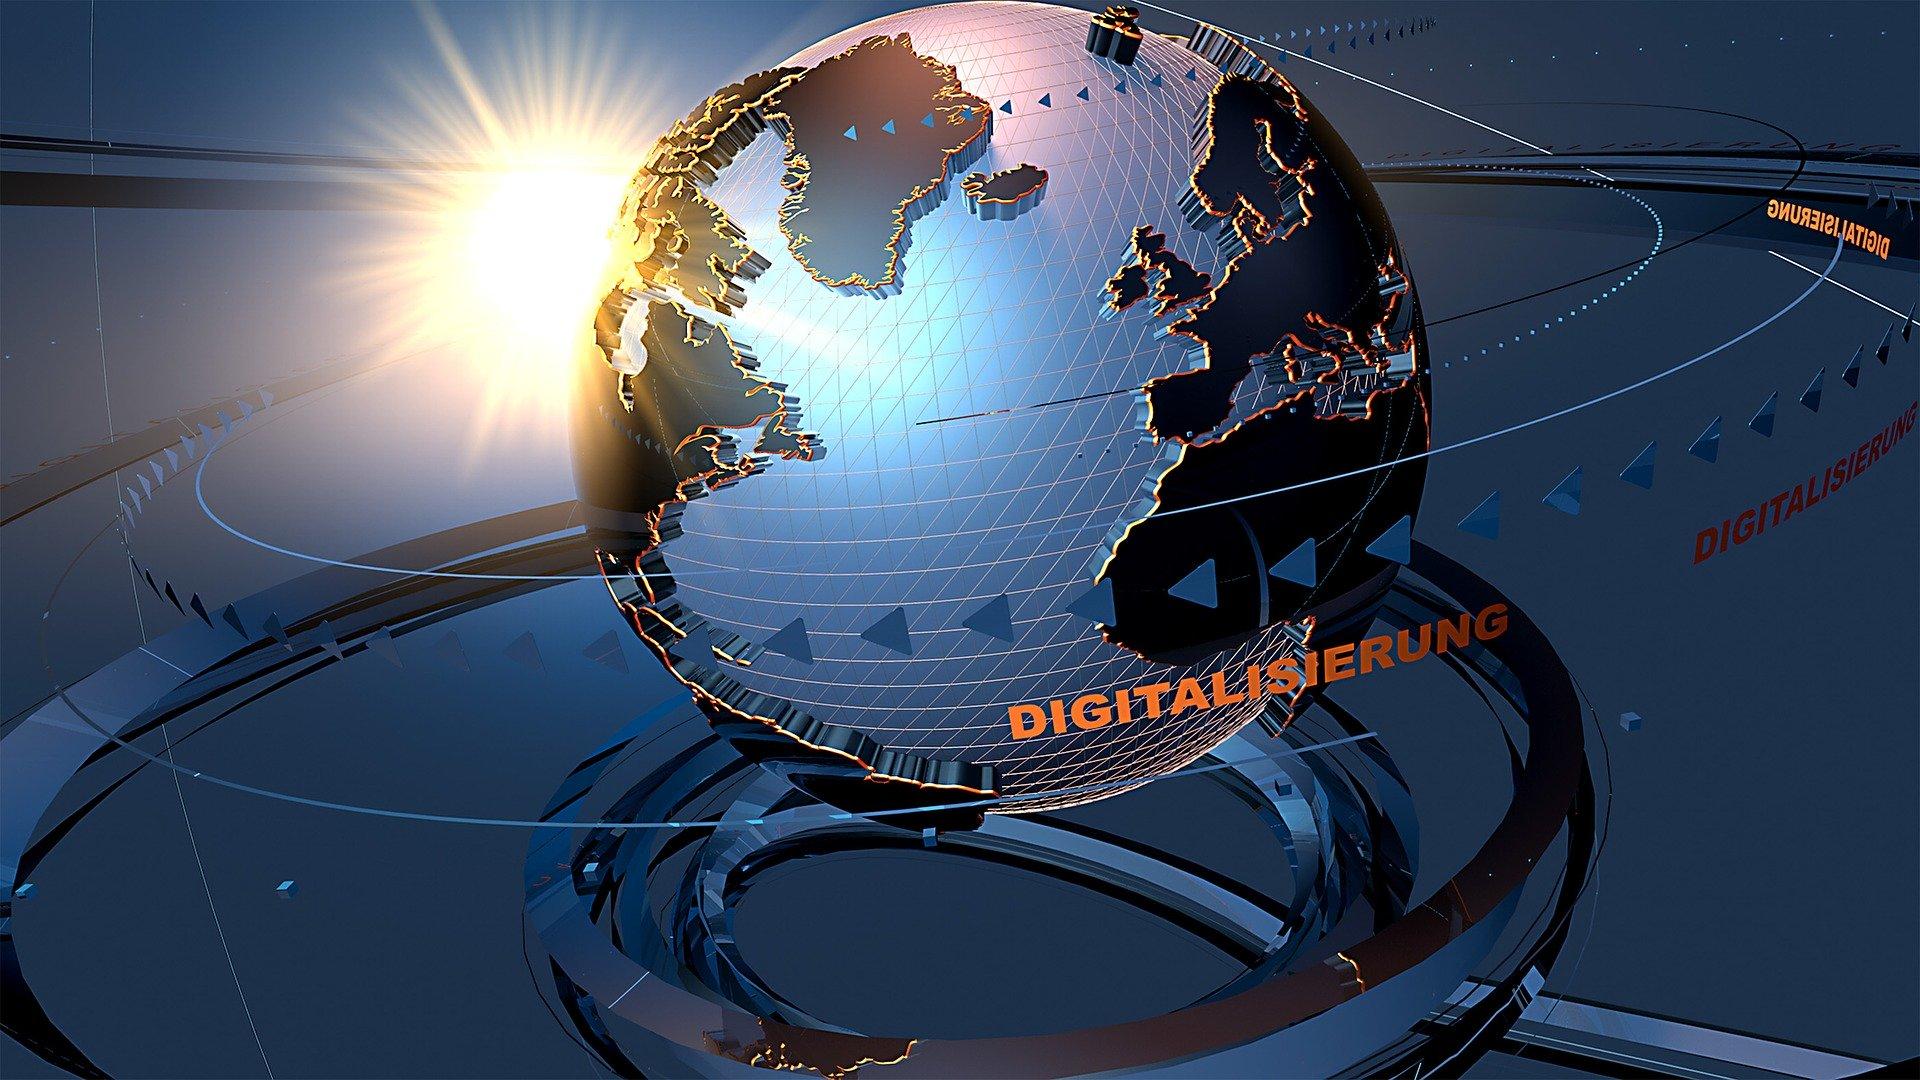 Vortrag: Digitalisierung als Heraus-forderung für die Kirche